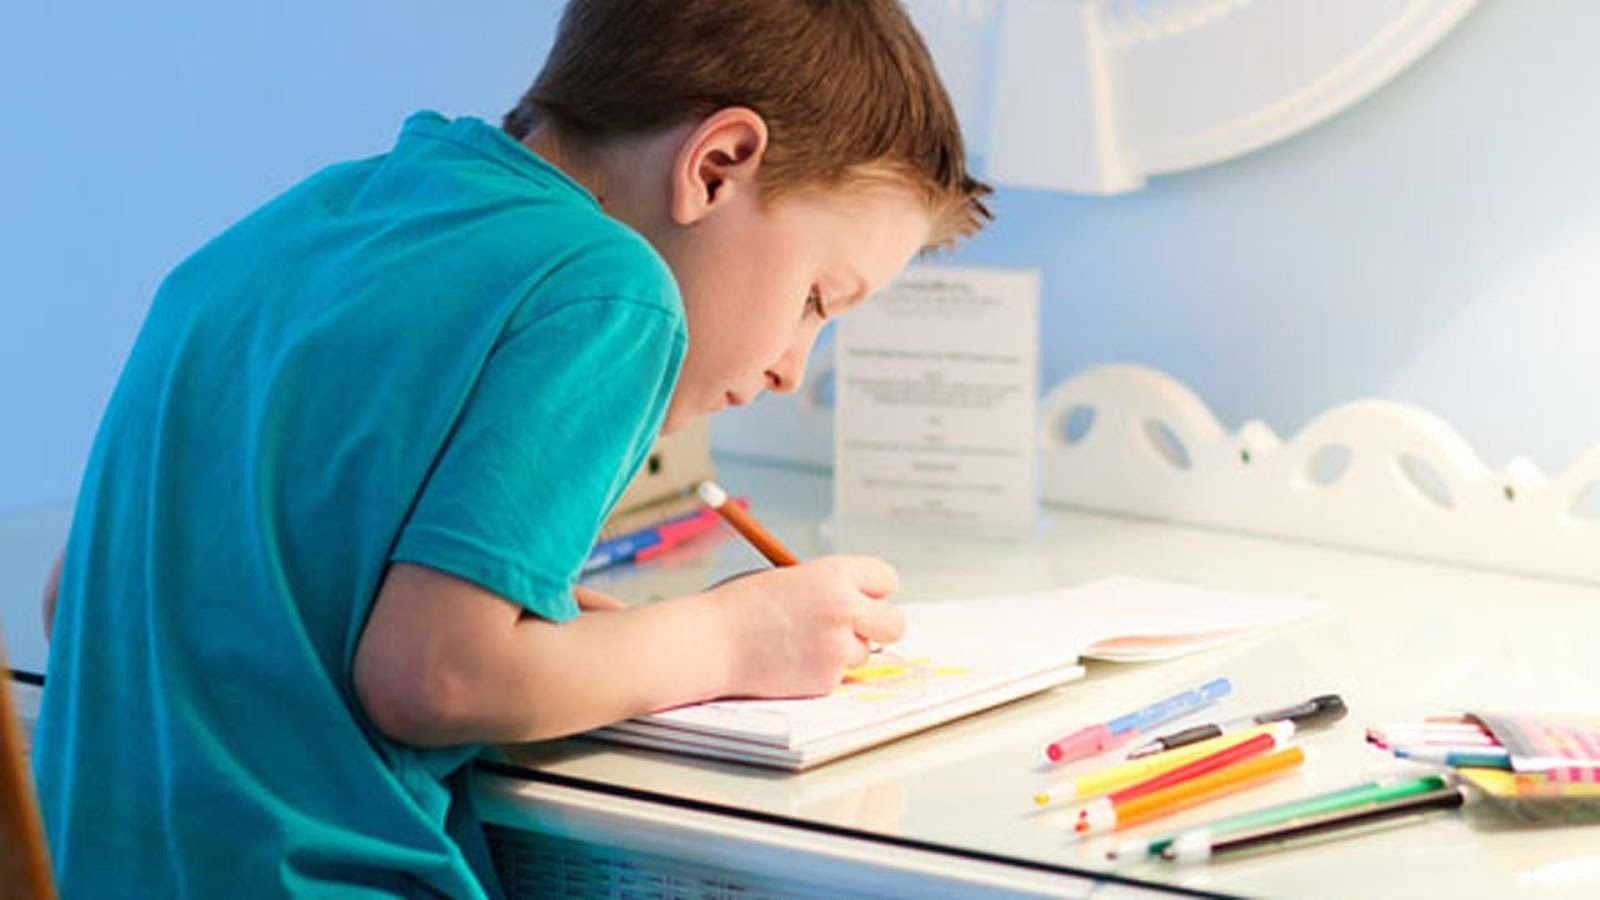 Предупреждения нарушения осанки у детей | Магнитотерапия